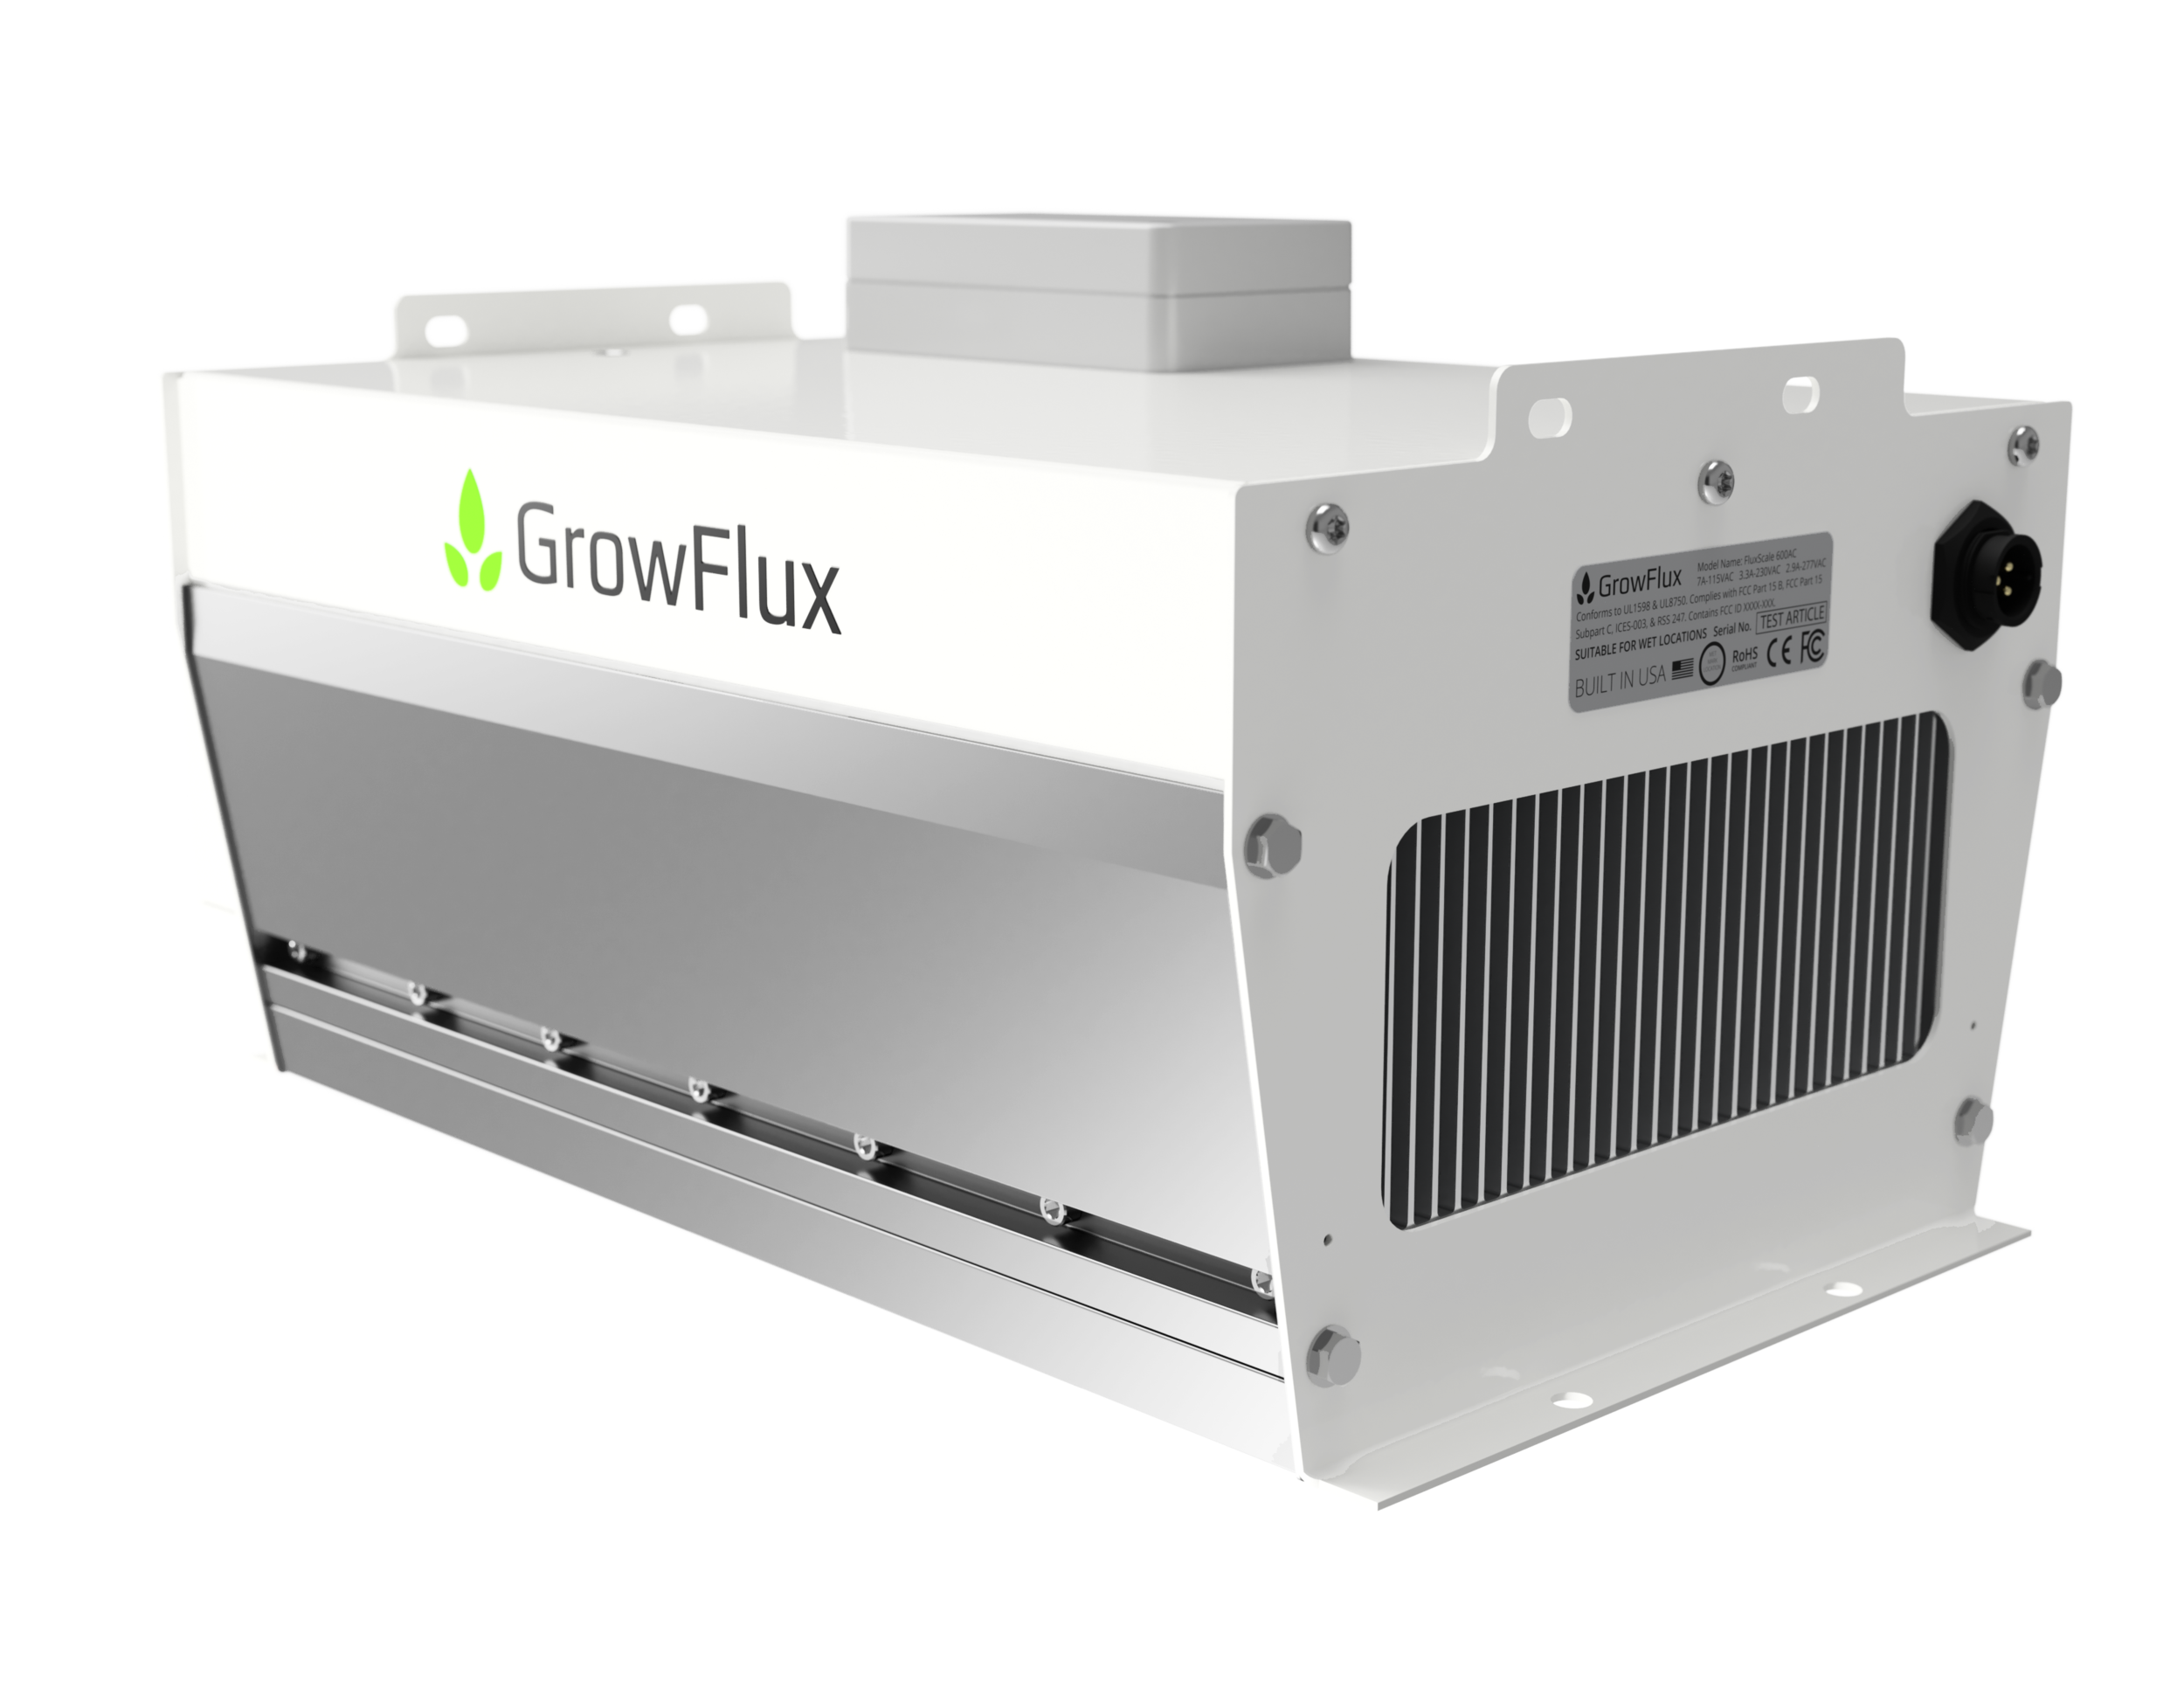 GrowFlux FluxScale LED Grow Light